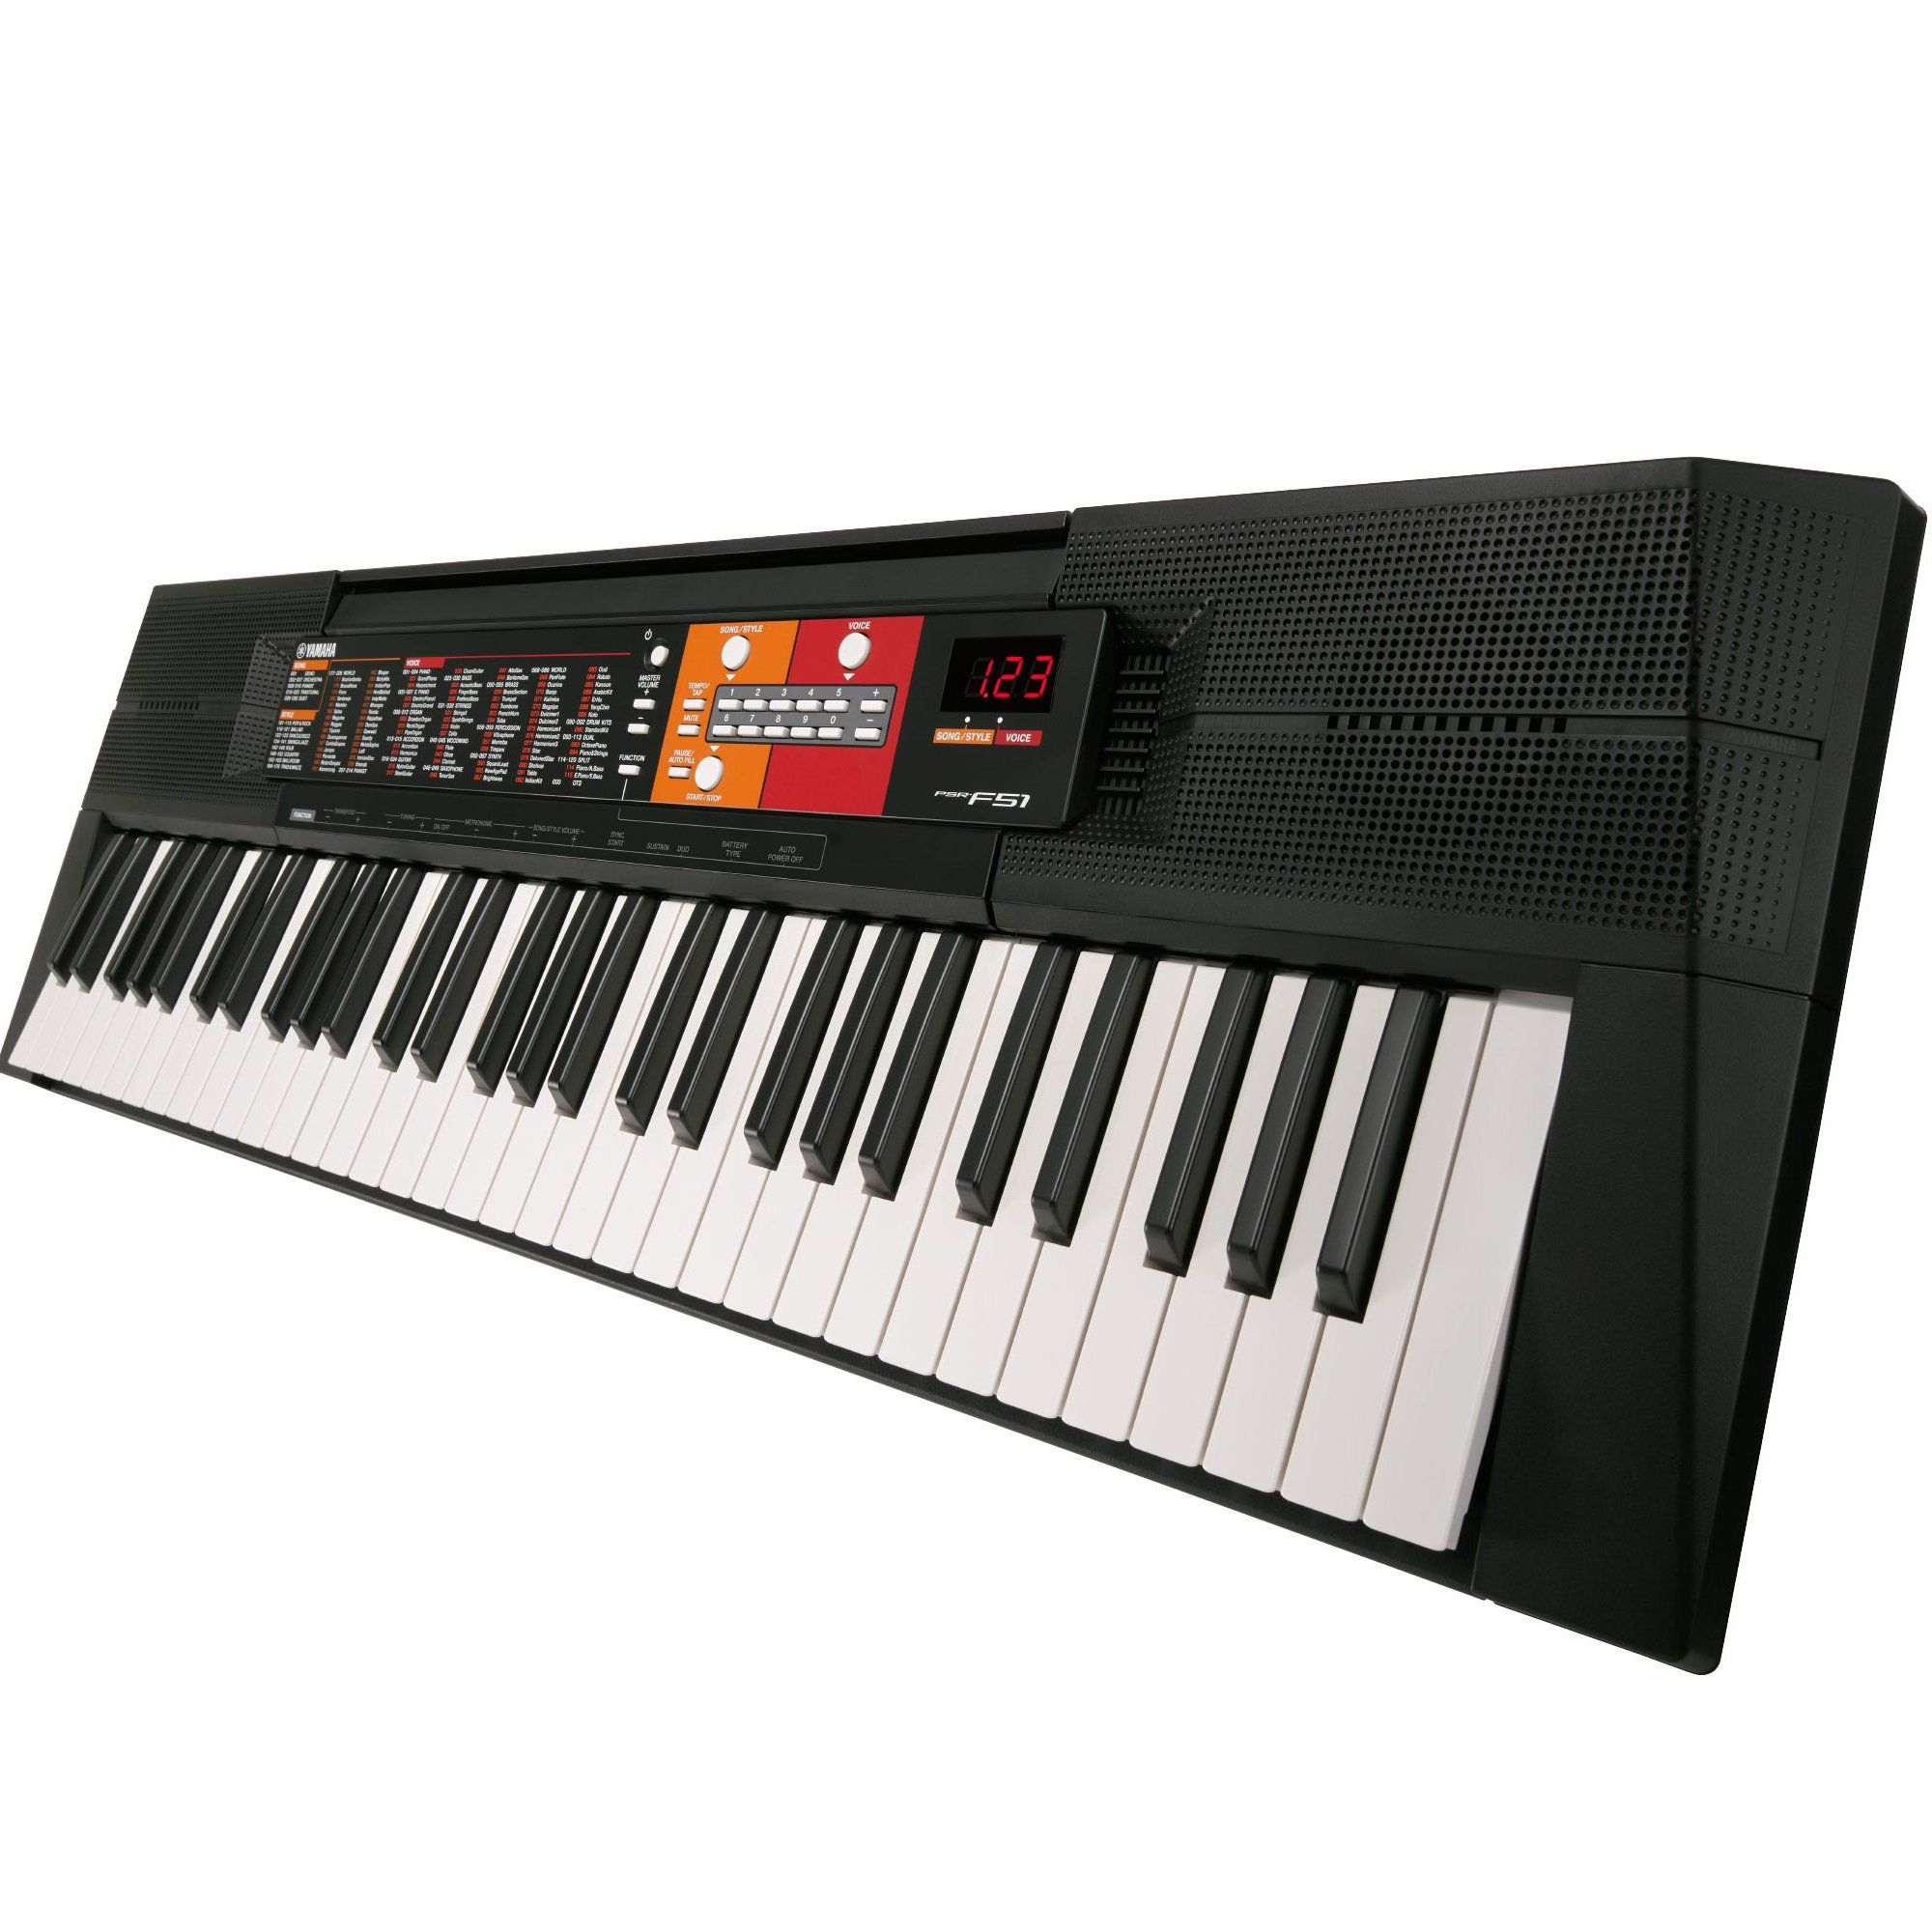 Kit Teclado Musical Yamaha Psr F51 + Suporte + Fonte